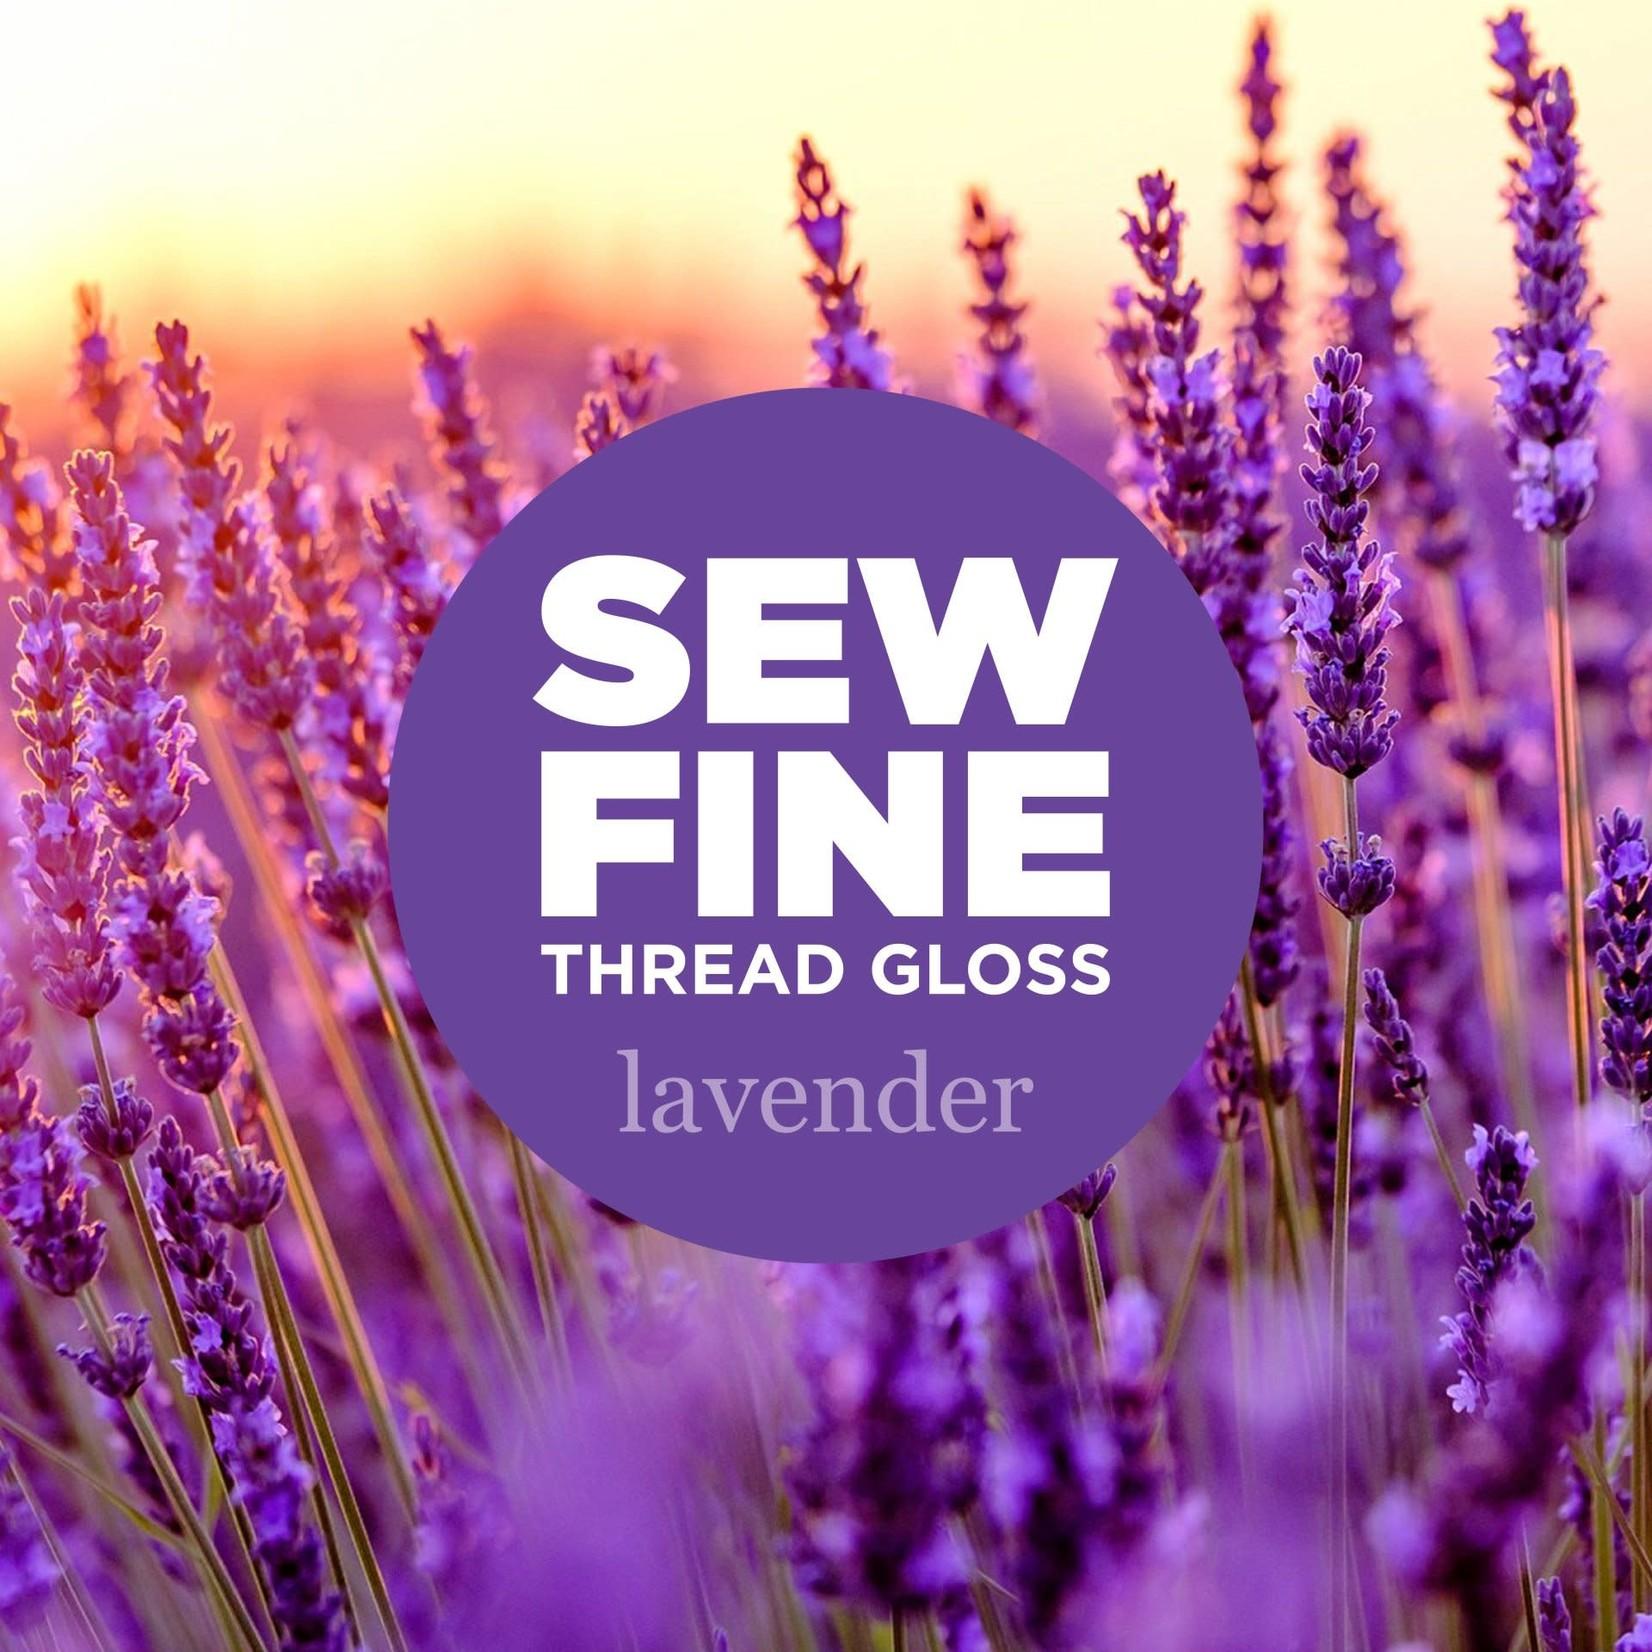 Sew Fine Sew Fine Thread Gloss: Lavender 0.5 oz